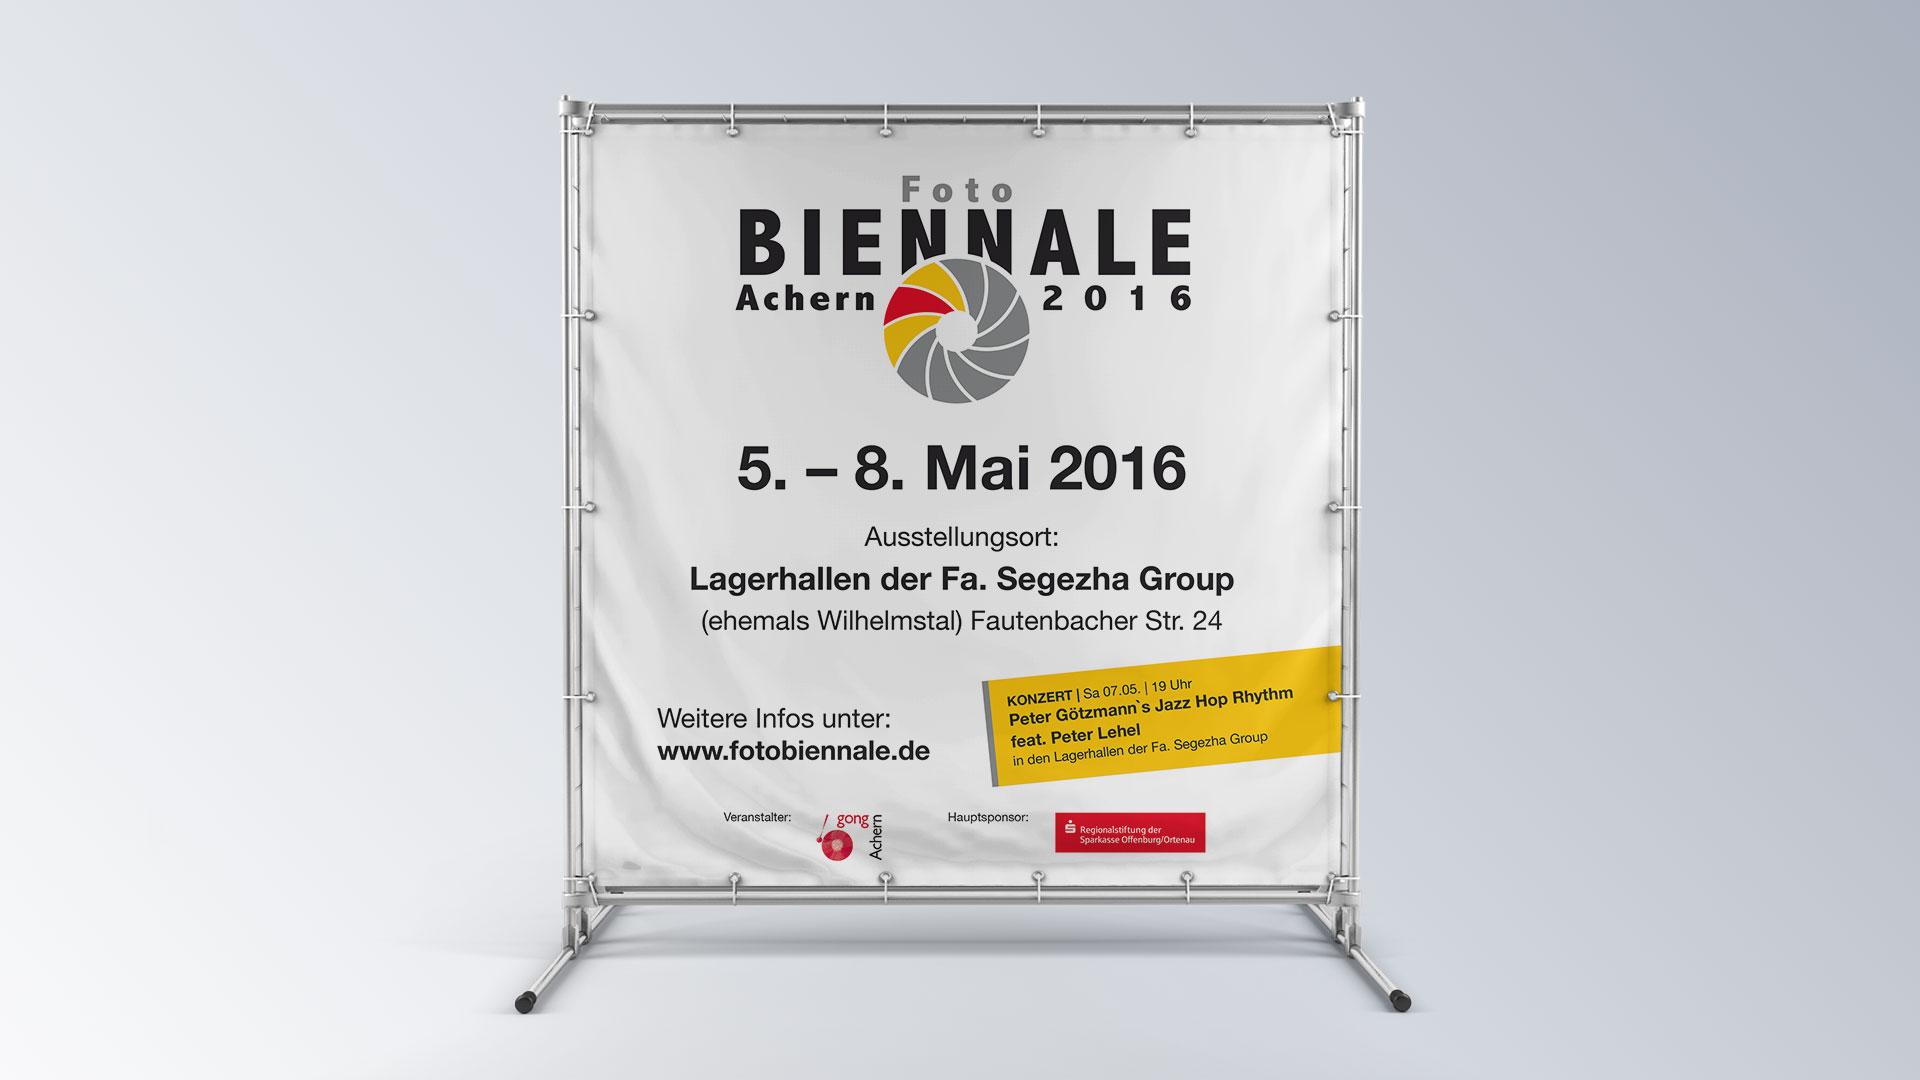 Fotobiennale Achern Banner